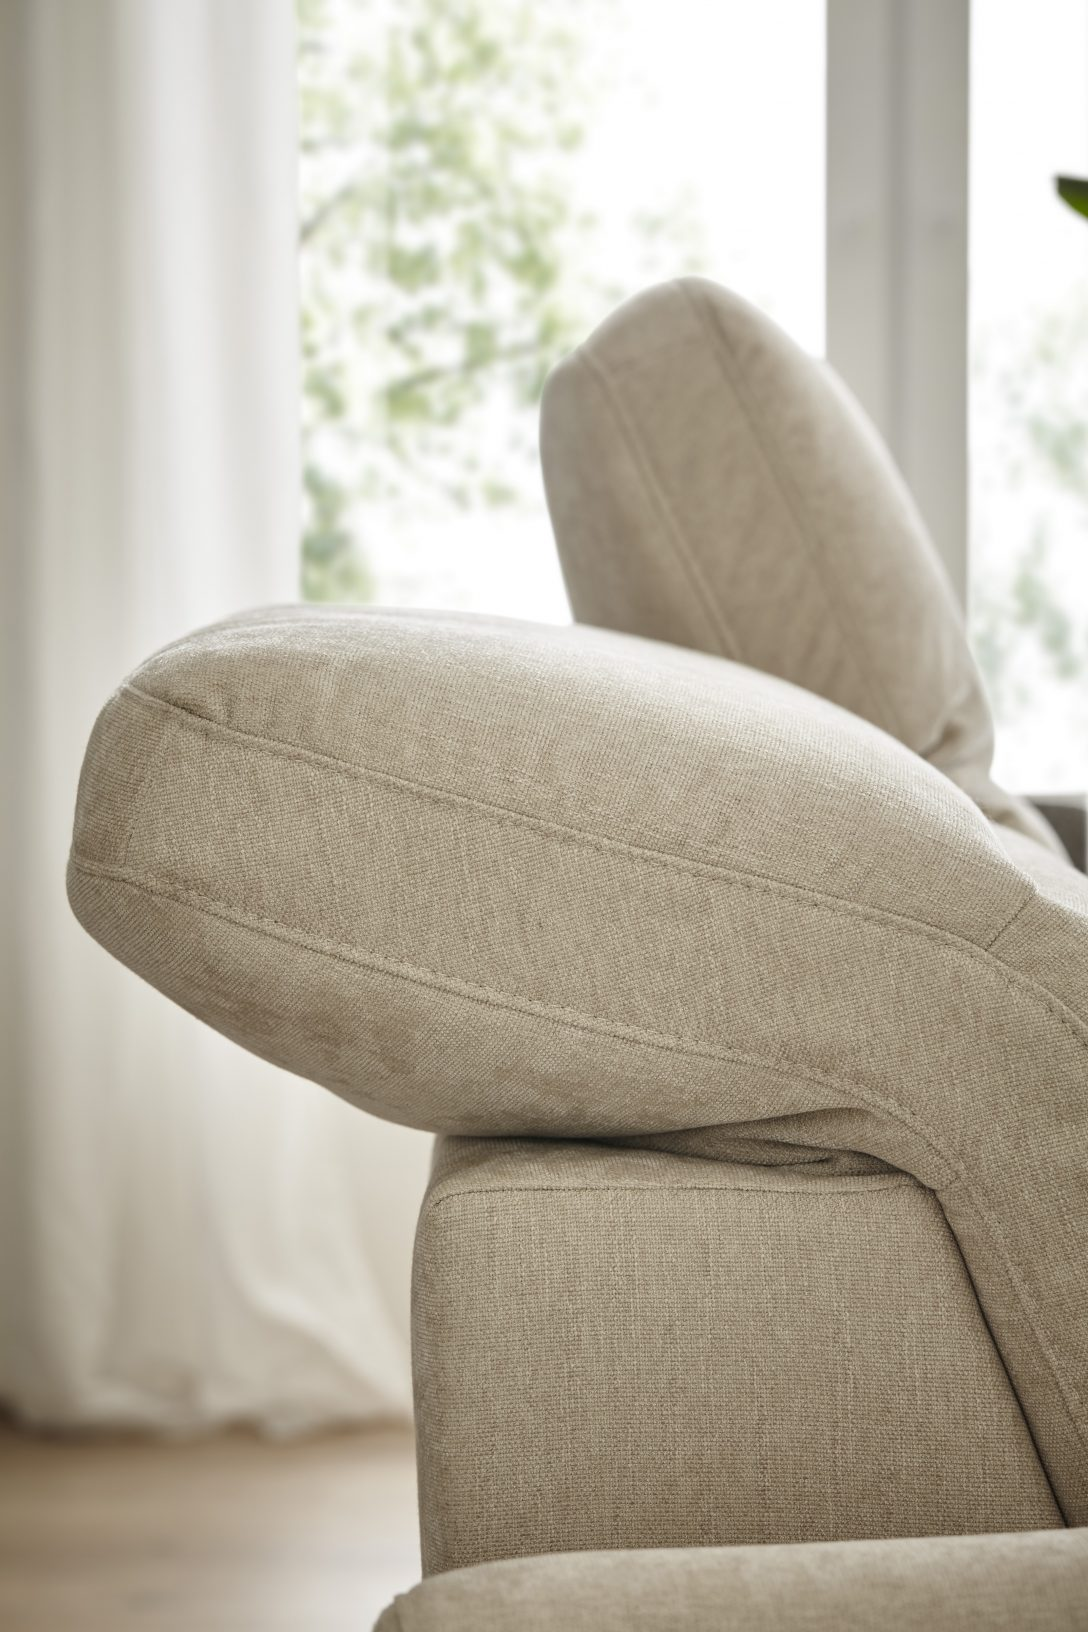 Large Size of Kleines 3 Sitzer Sofa Natura Michigan In Creme Farbenem Stoff Cognac Canape Mit Relaxfunktion überzug Petrol L Schlaffunktion Halbrund U Form Xxl Für Sofa Kleines Sofa